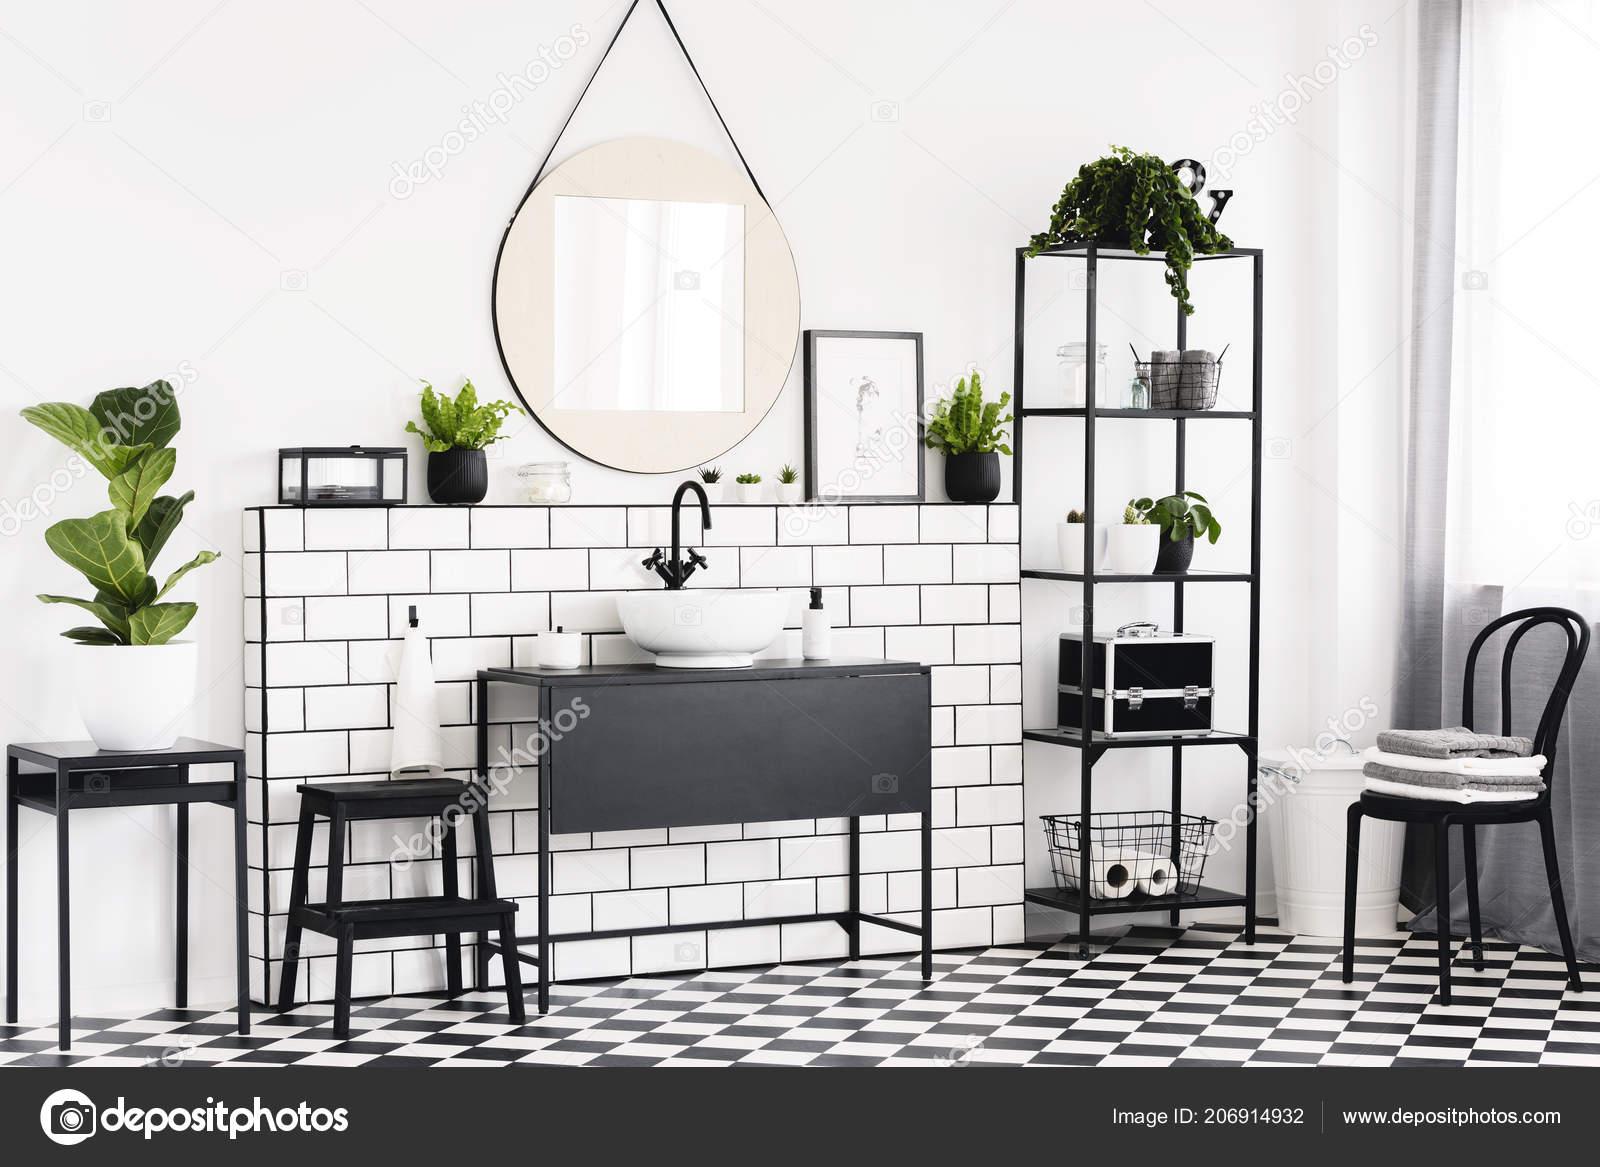 Witte Tafel Zwarte Stoelen.Plant Tafel Zwarte Stoel Witte Badkamer Interieur Met